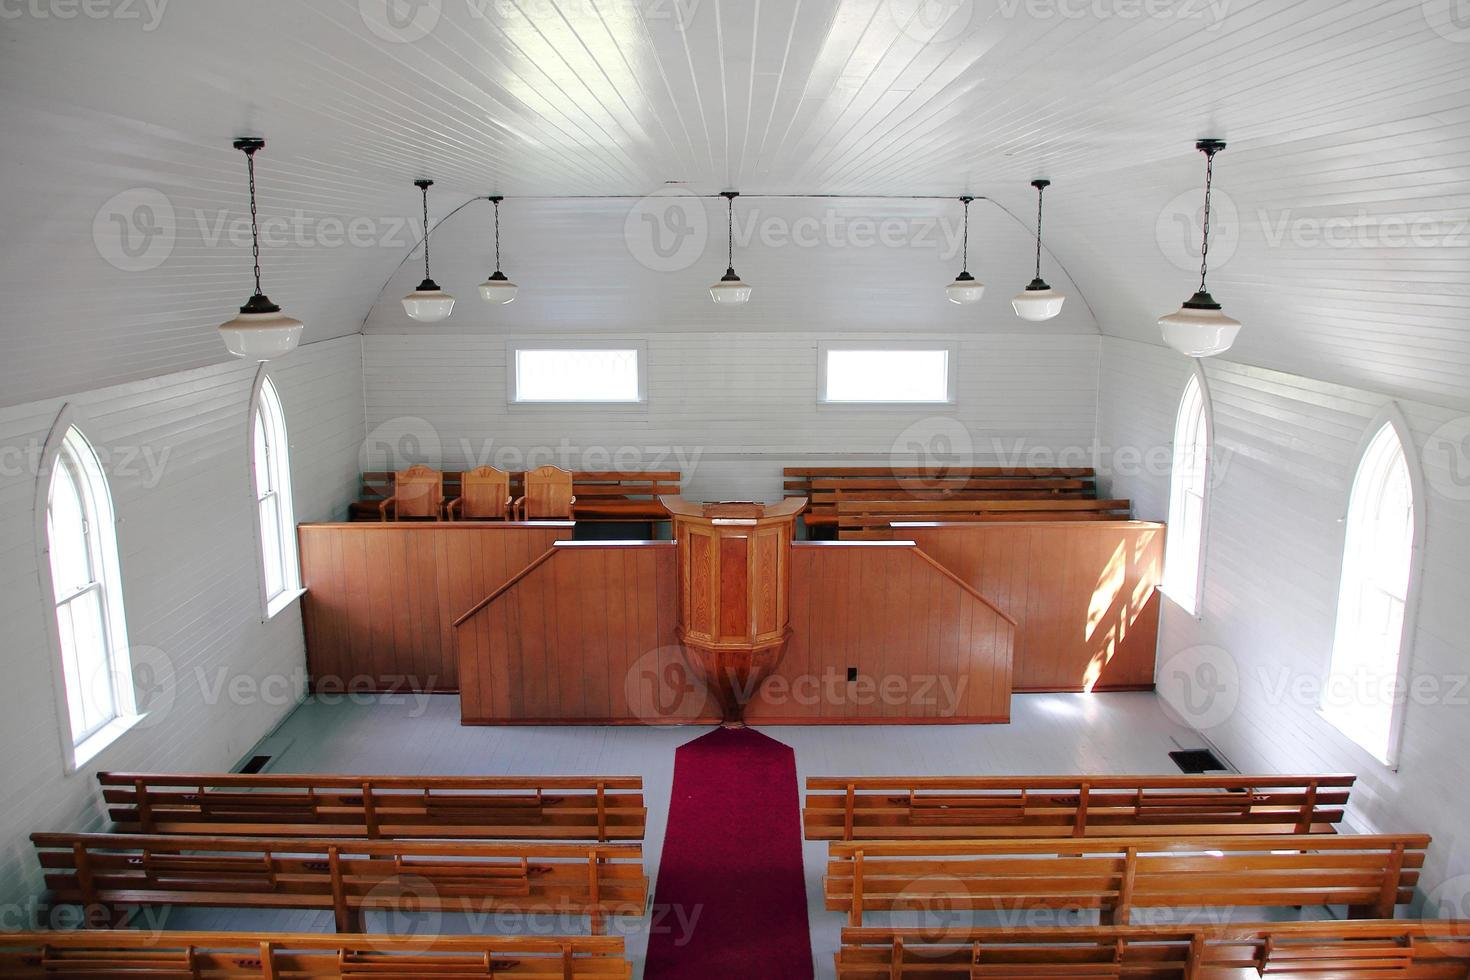 igreja histórica moldura de madeira foto